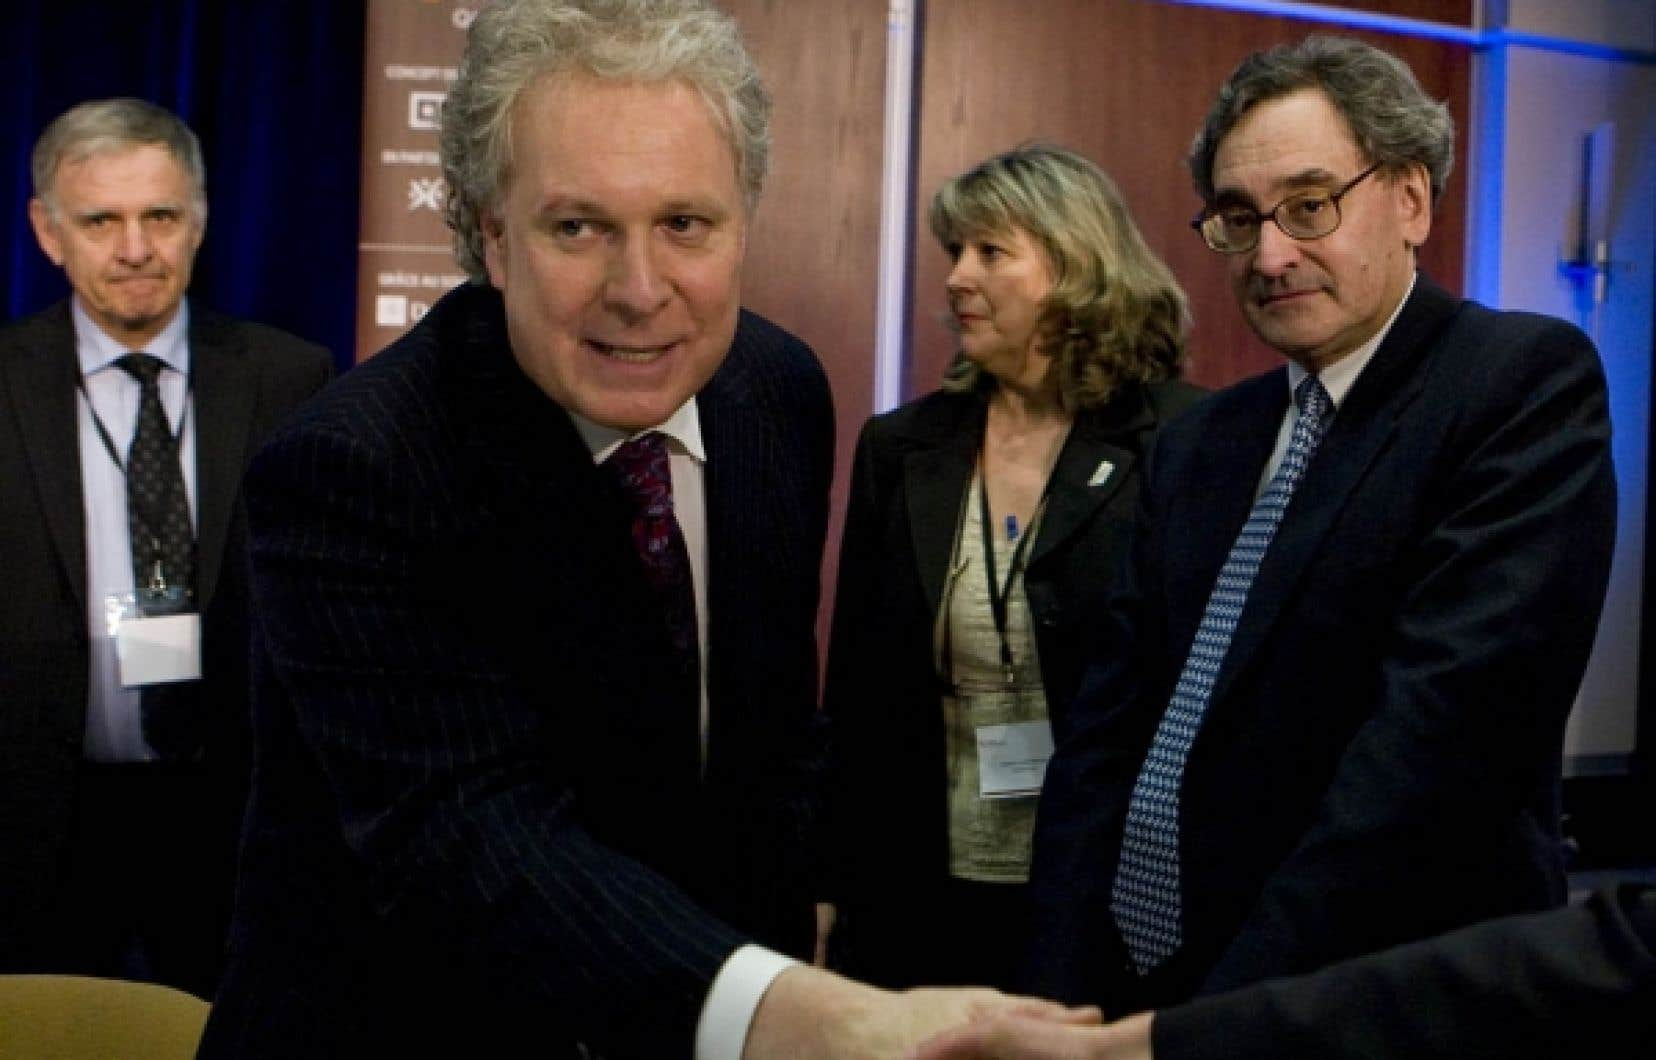 Comme le ministre Raymond Bachand, Jean Charest et Michael Sabia ont pris la parole, hier, lors de l'événement Focus stratégique Québec.